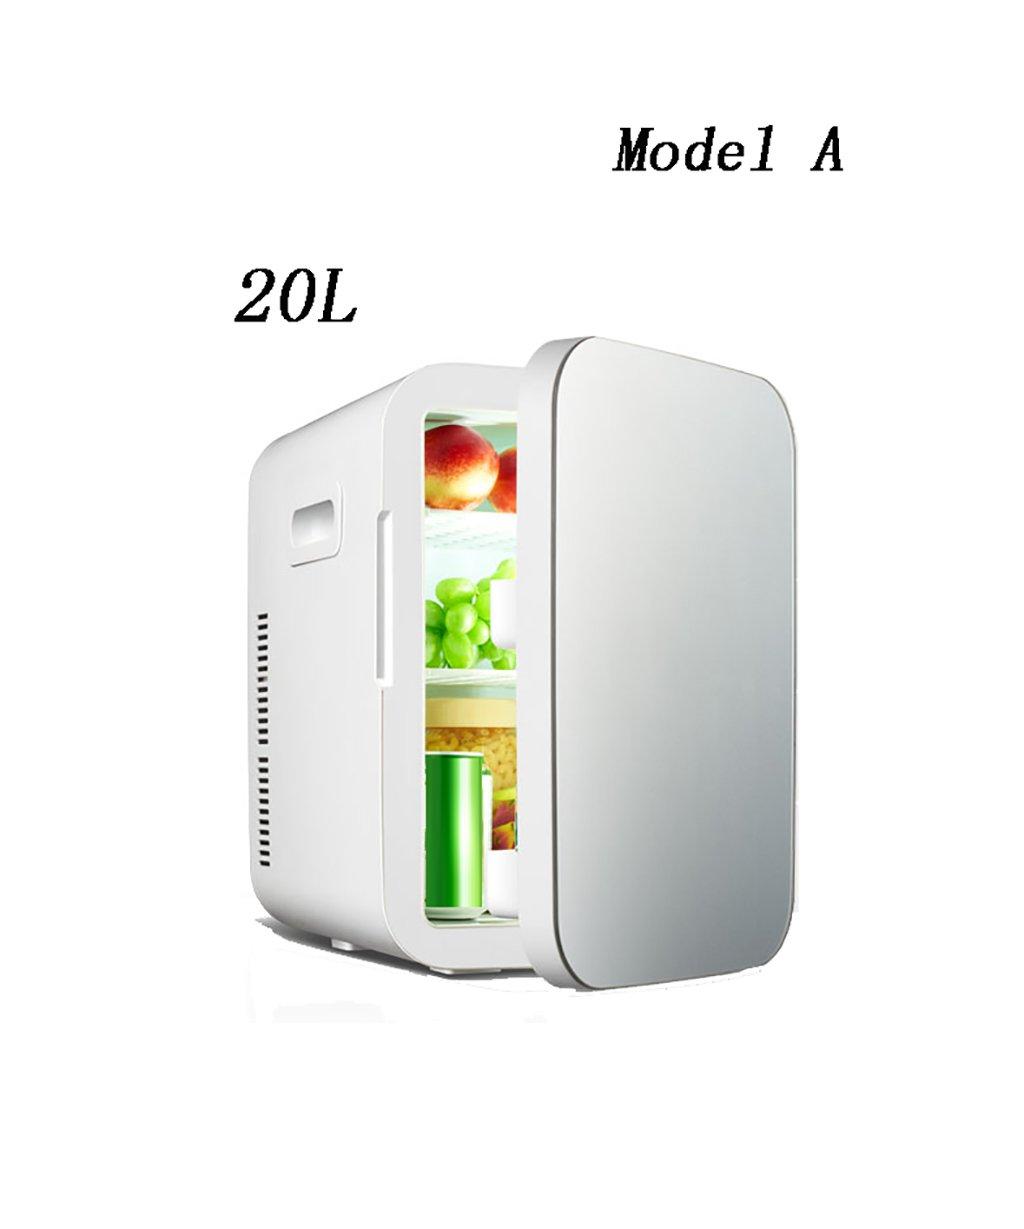 LIANJUN Camping Elektrische Kühlbox Kühlung Auto Mini Kühlschrank Elektrische Kühlbox Kühler Warm / Cool Temperatur Einstellbar -12V DC 220V AC Haushalt / im Freien